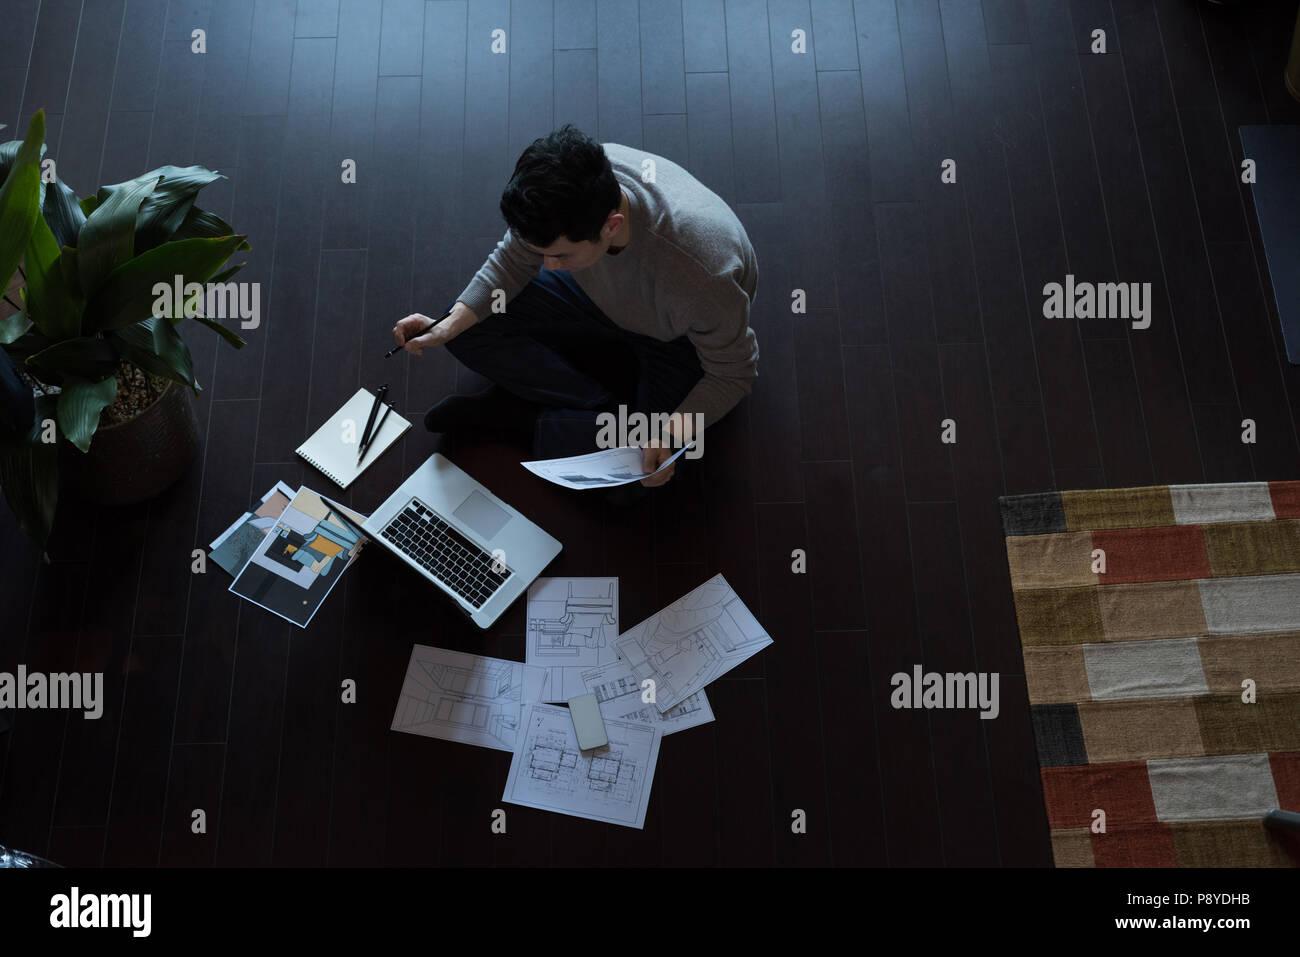 Uomo al lavoro su un progetto a casa Immagini Stock